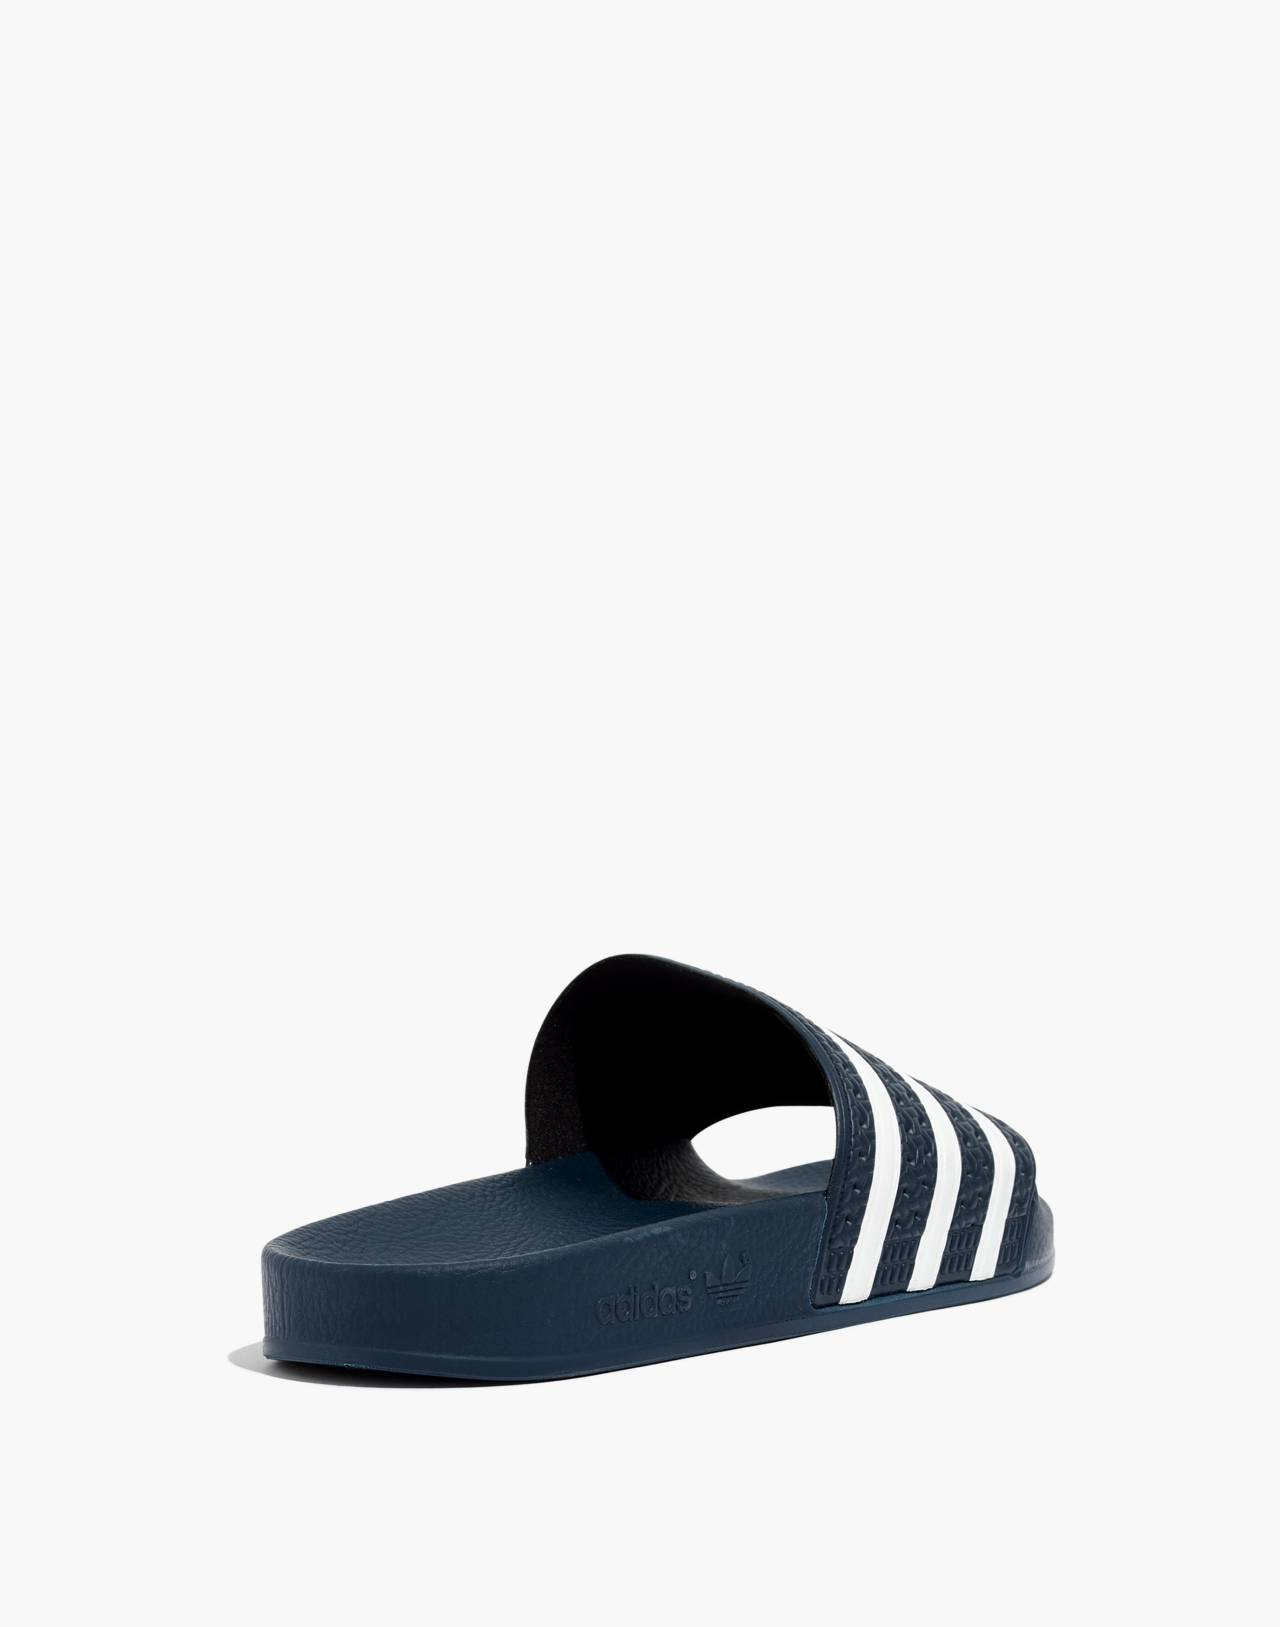 Adidas® Unisex Adilette® Slides in navy white image 3